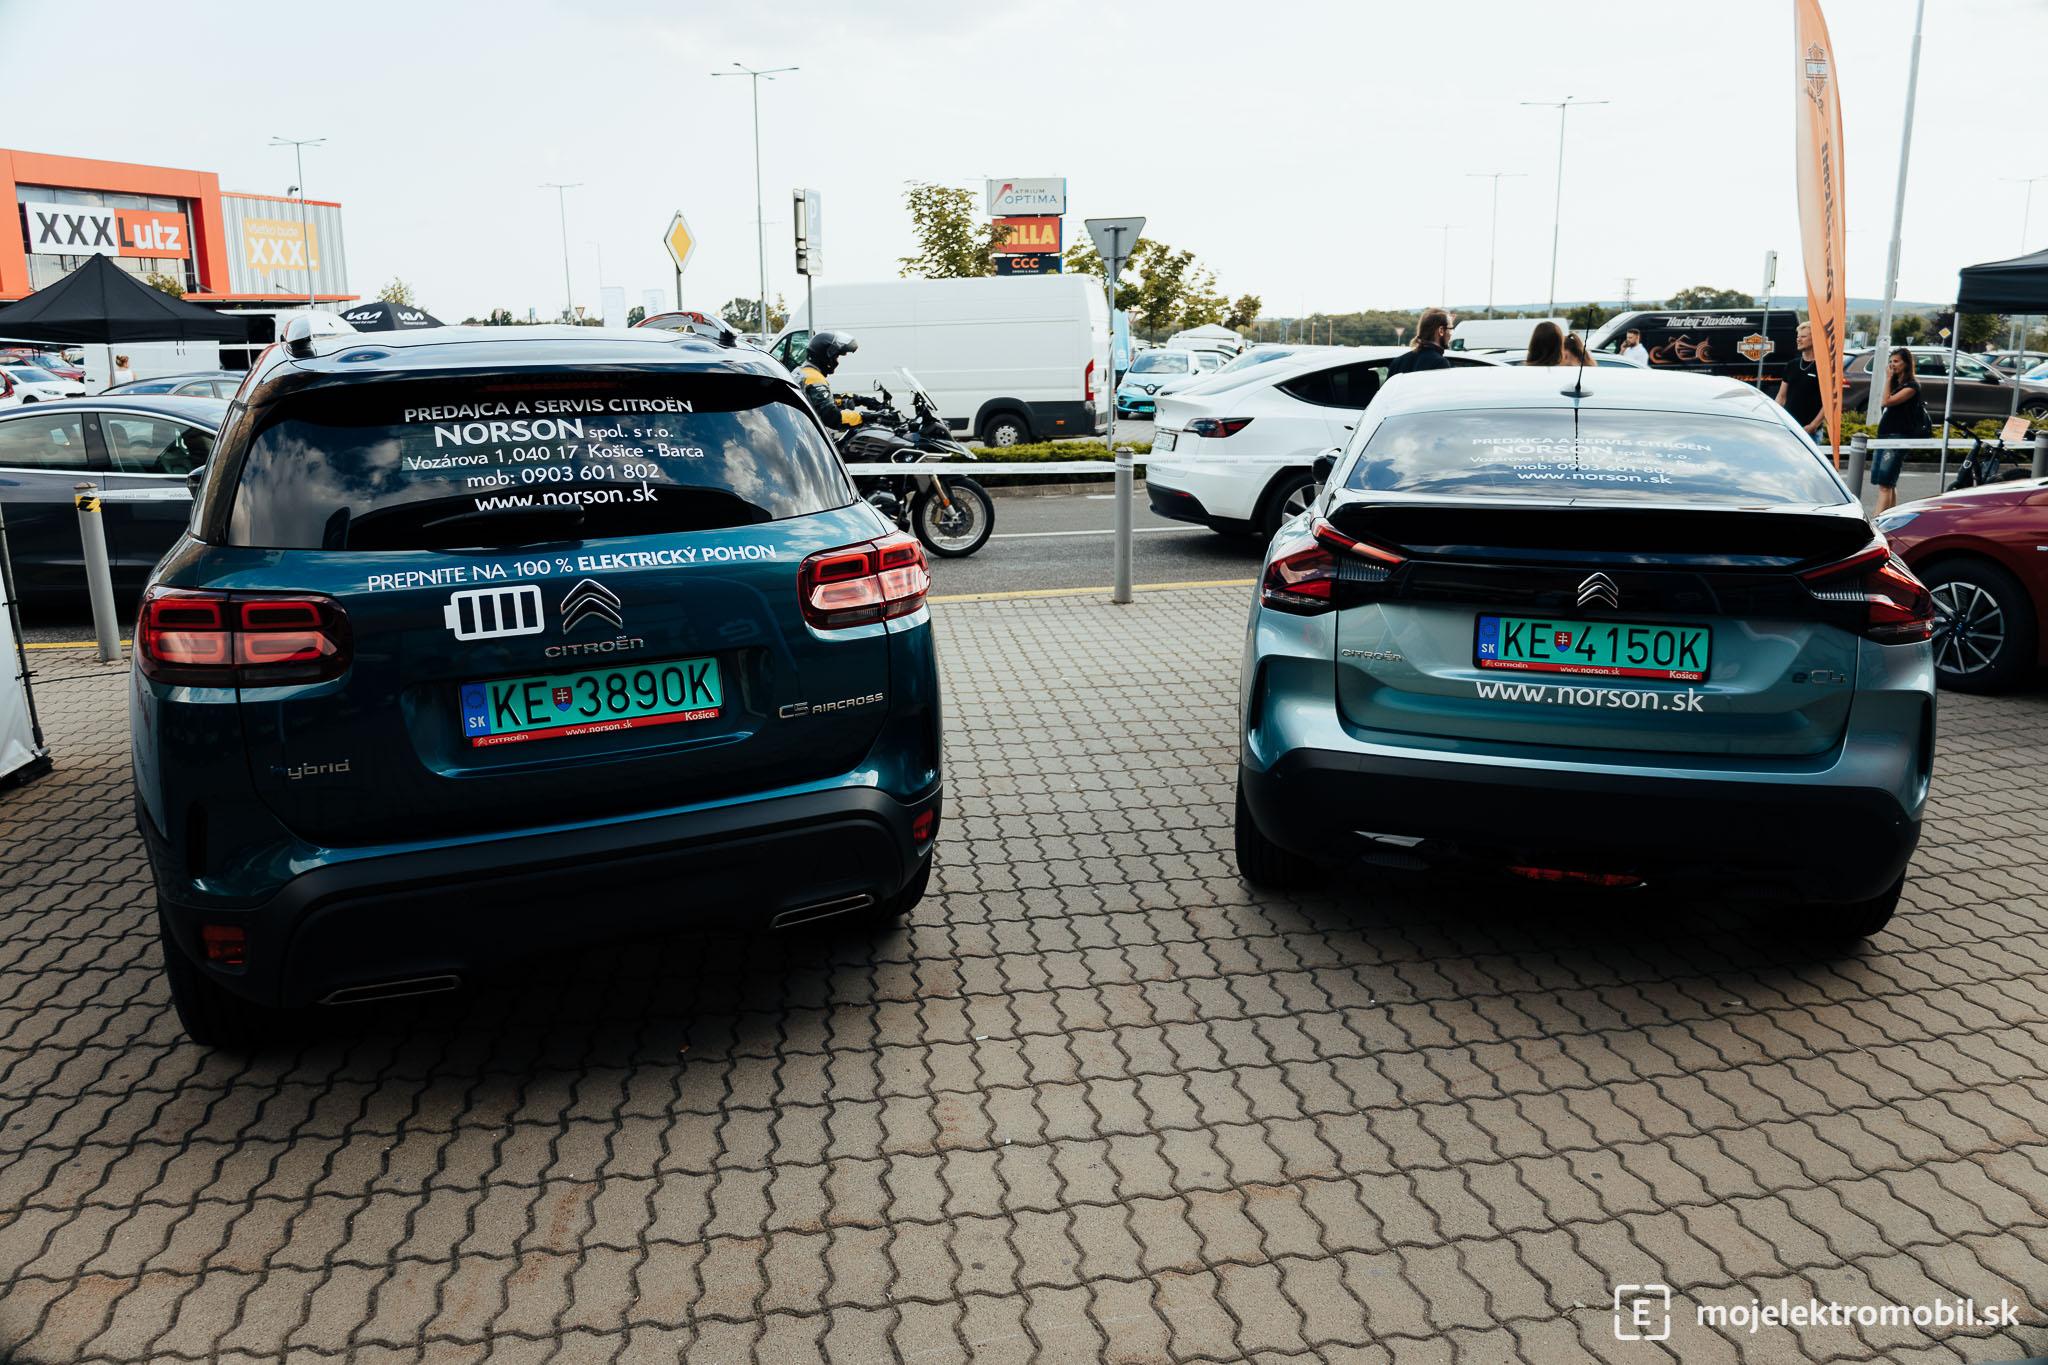 Citroen Salon elektromobilov 2021 Kosice